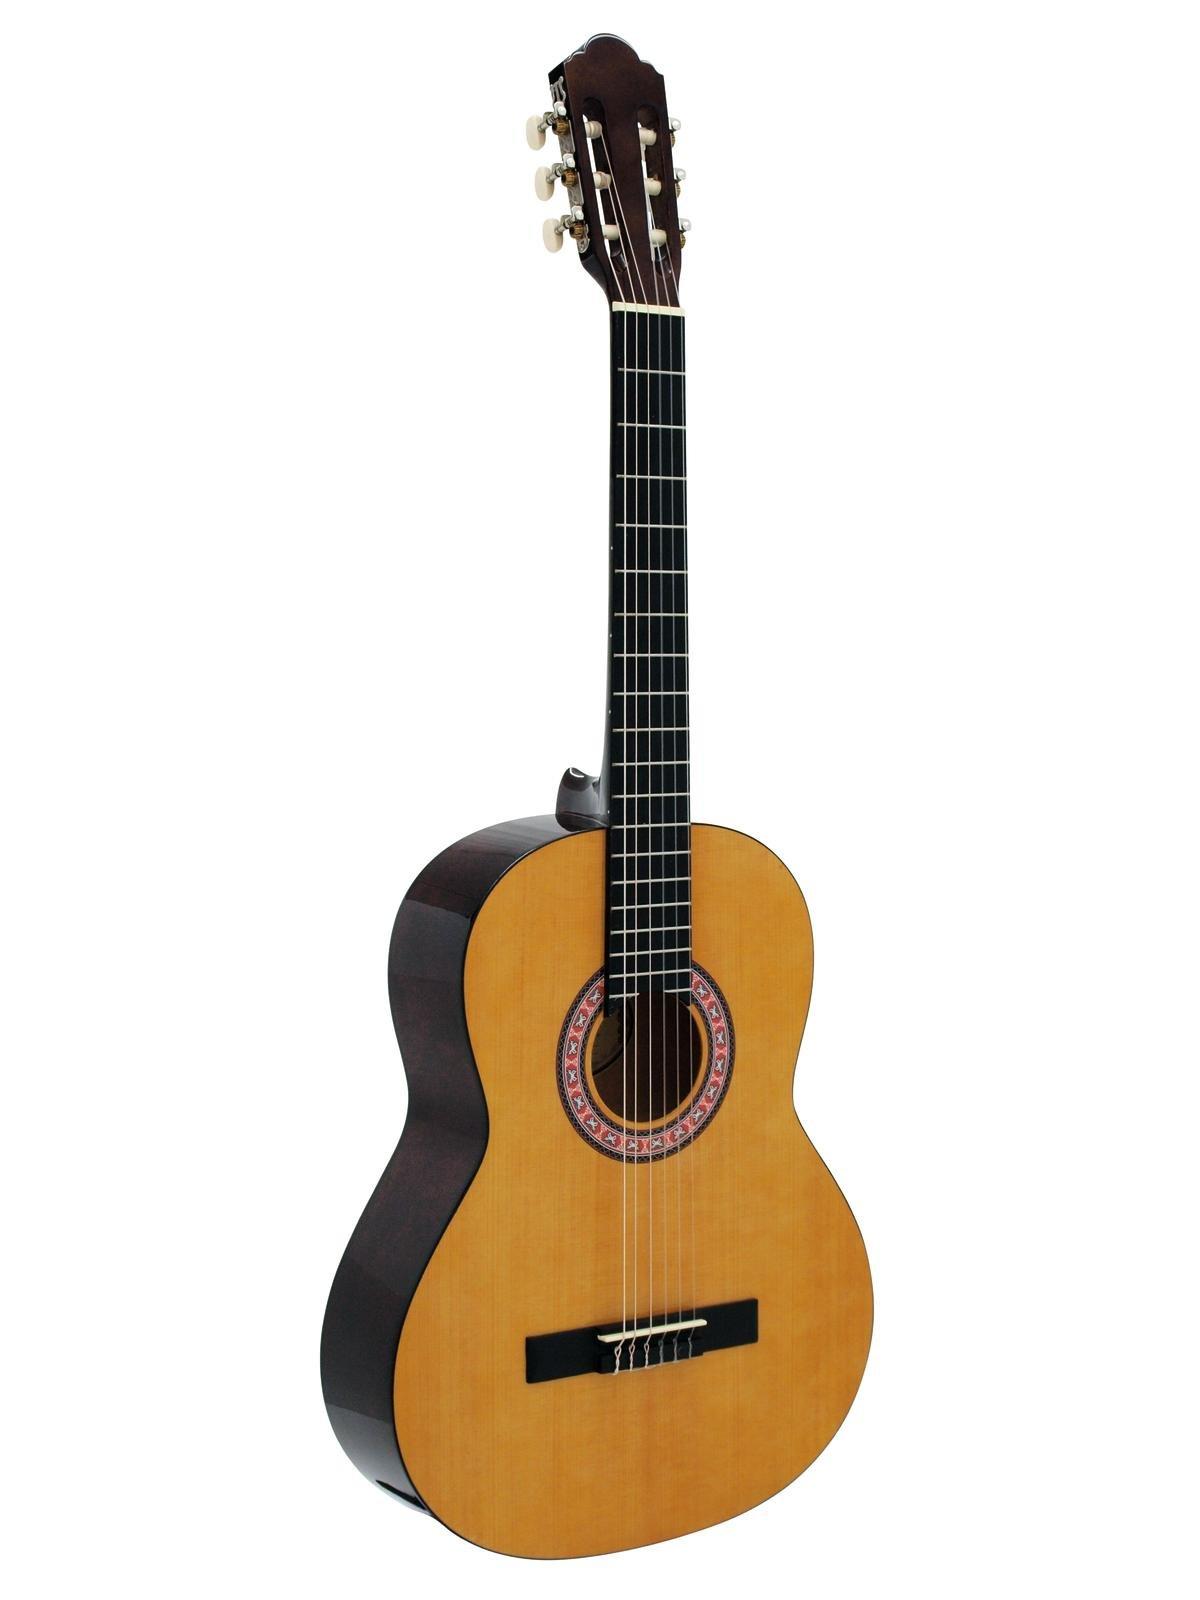 Budget 3/4 guitar